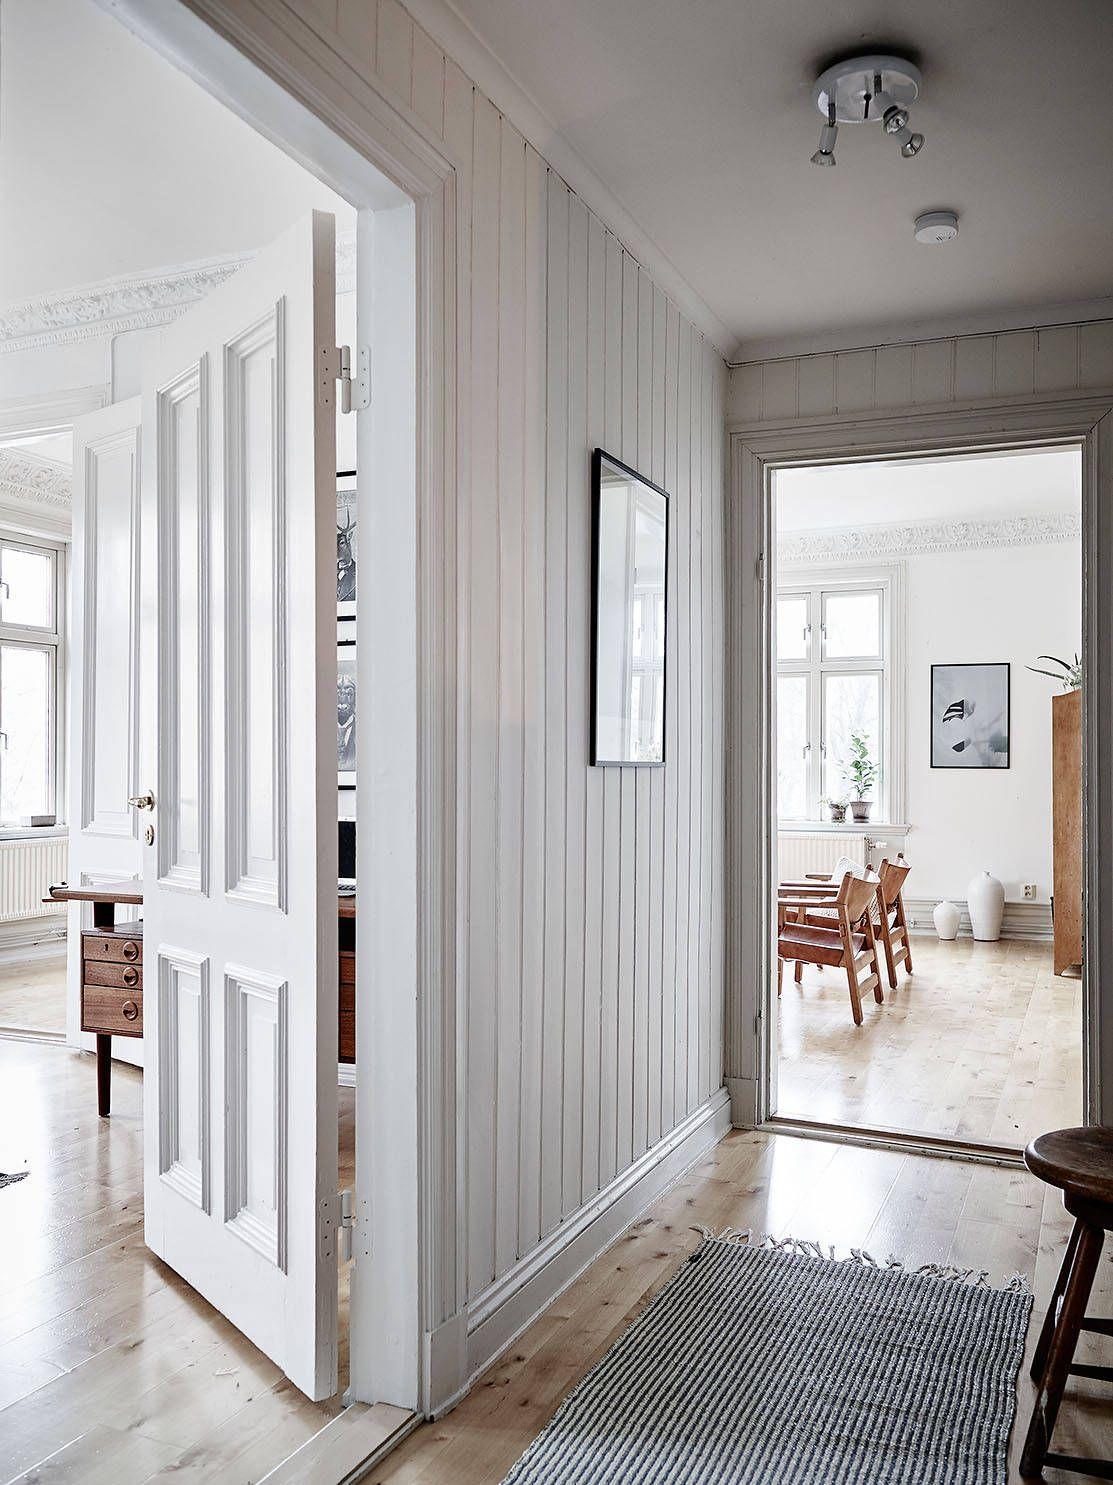 schwedischer altbau 15 home pinterest altbauten schwedisch und schwedenhaus. Black Bedroom Furniture Sets. Home Design Ideas